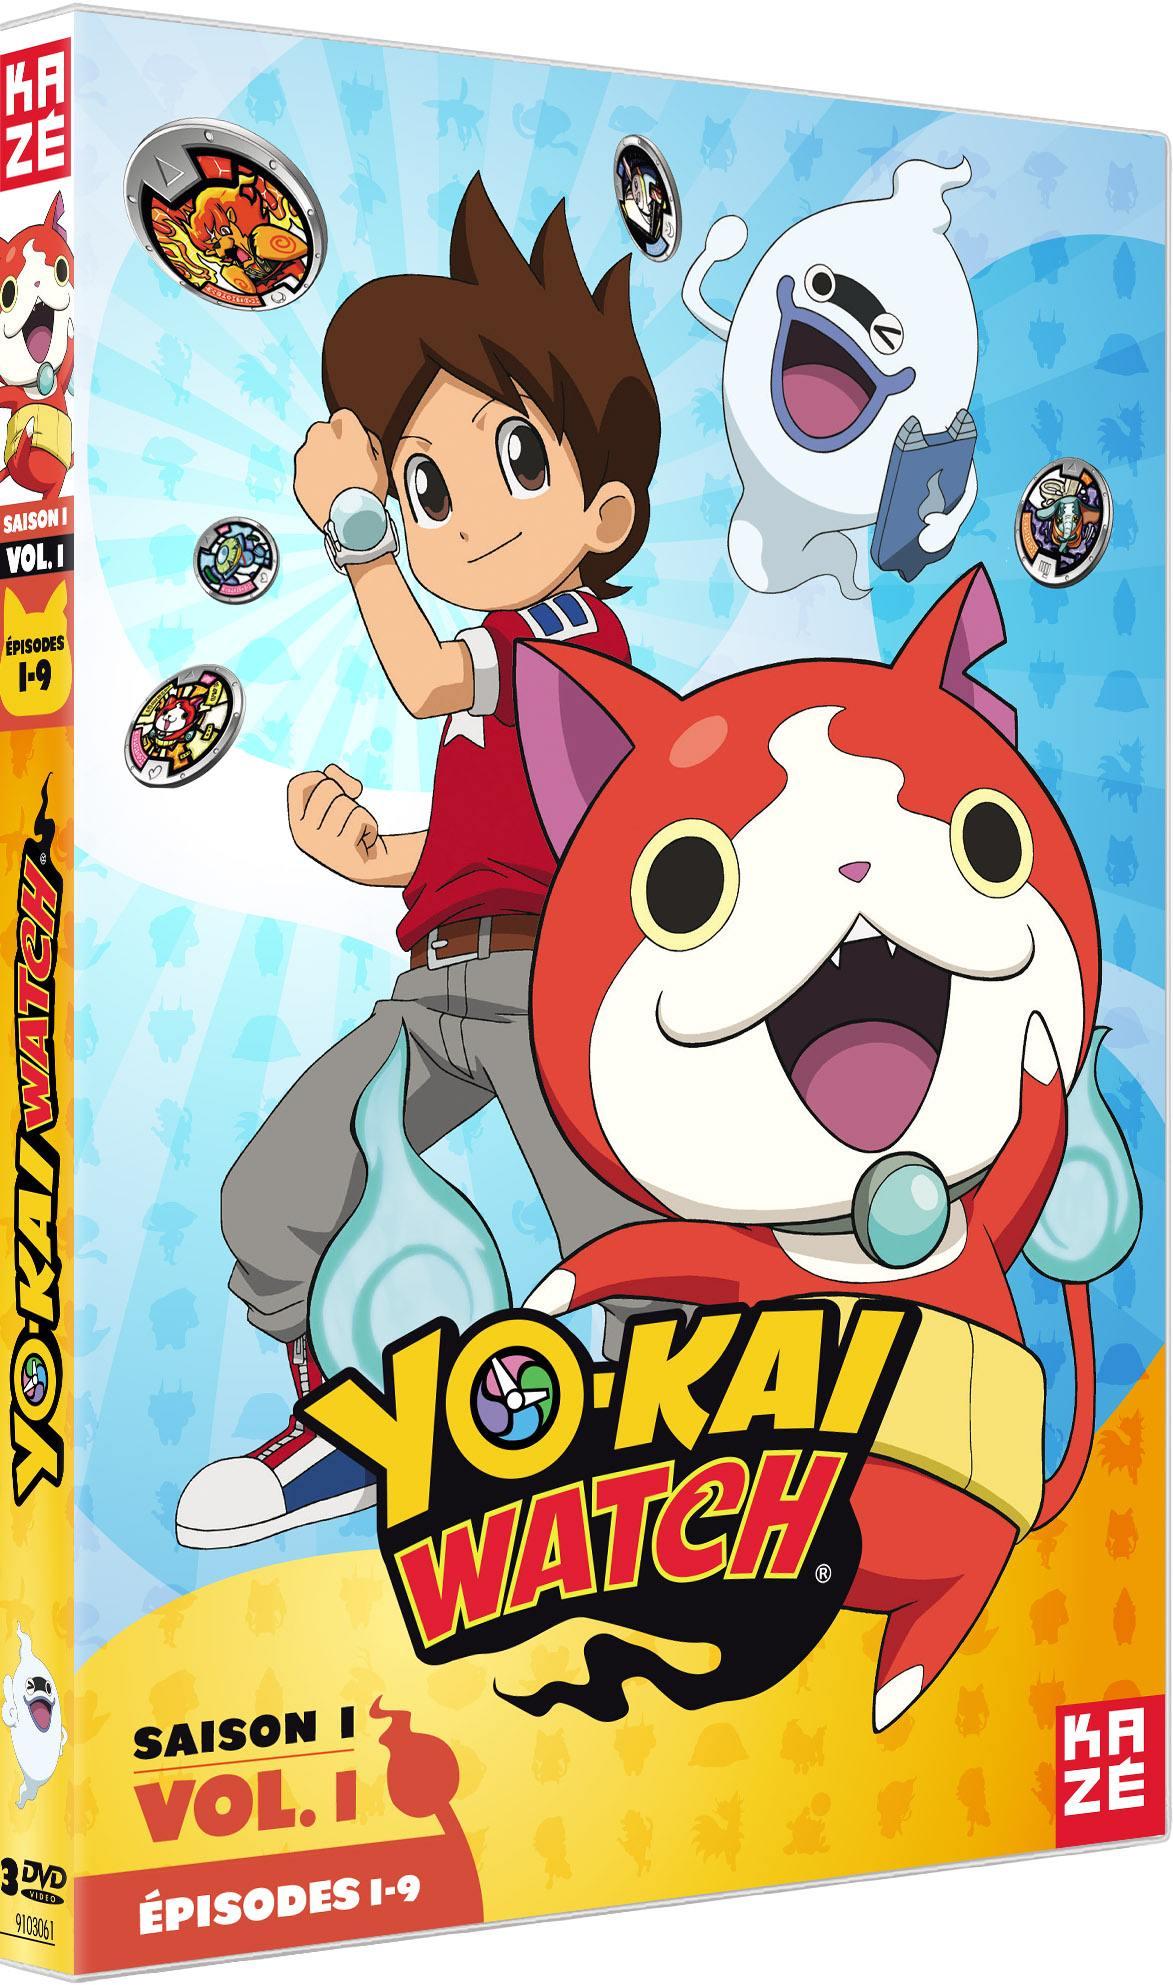 Yo-kai watch - saison 1 - partie 1 sur 3 - 3 dvd